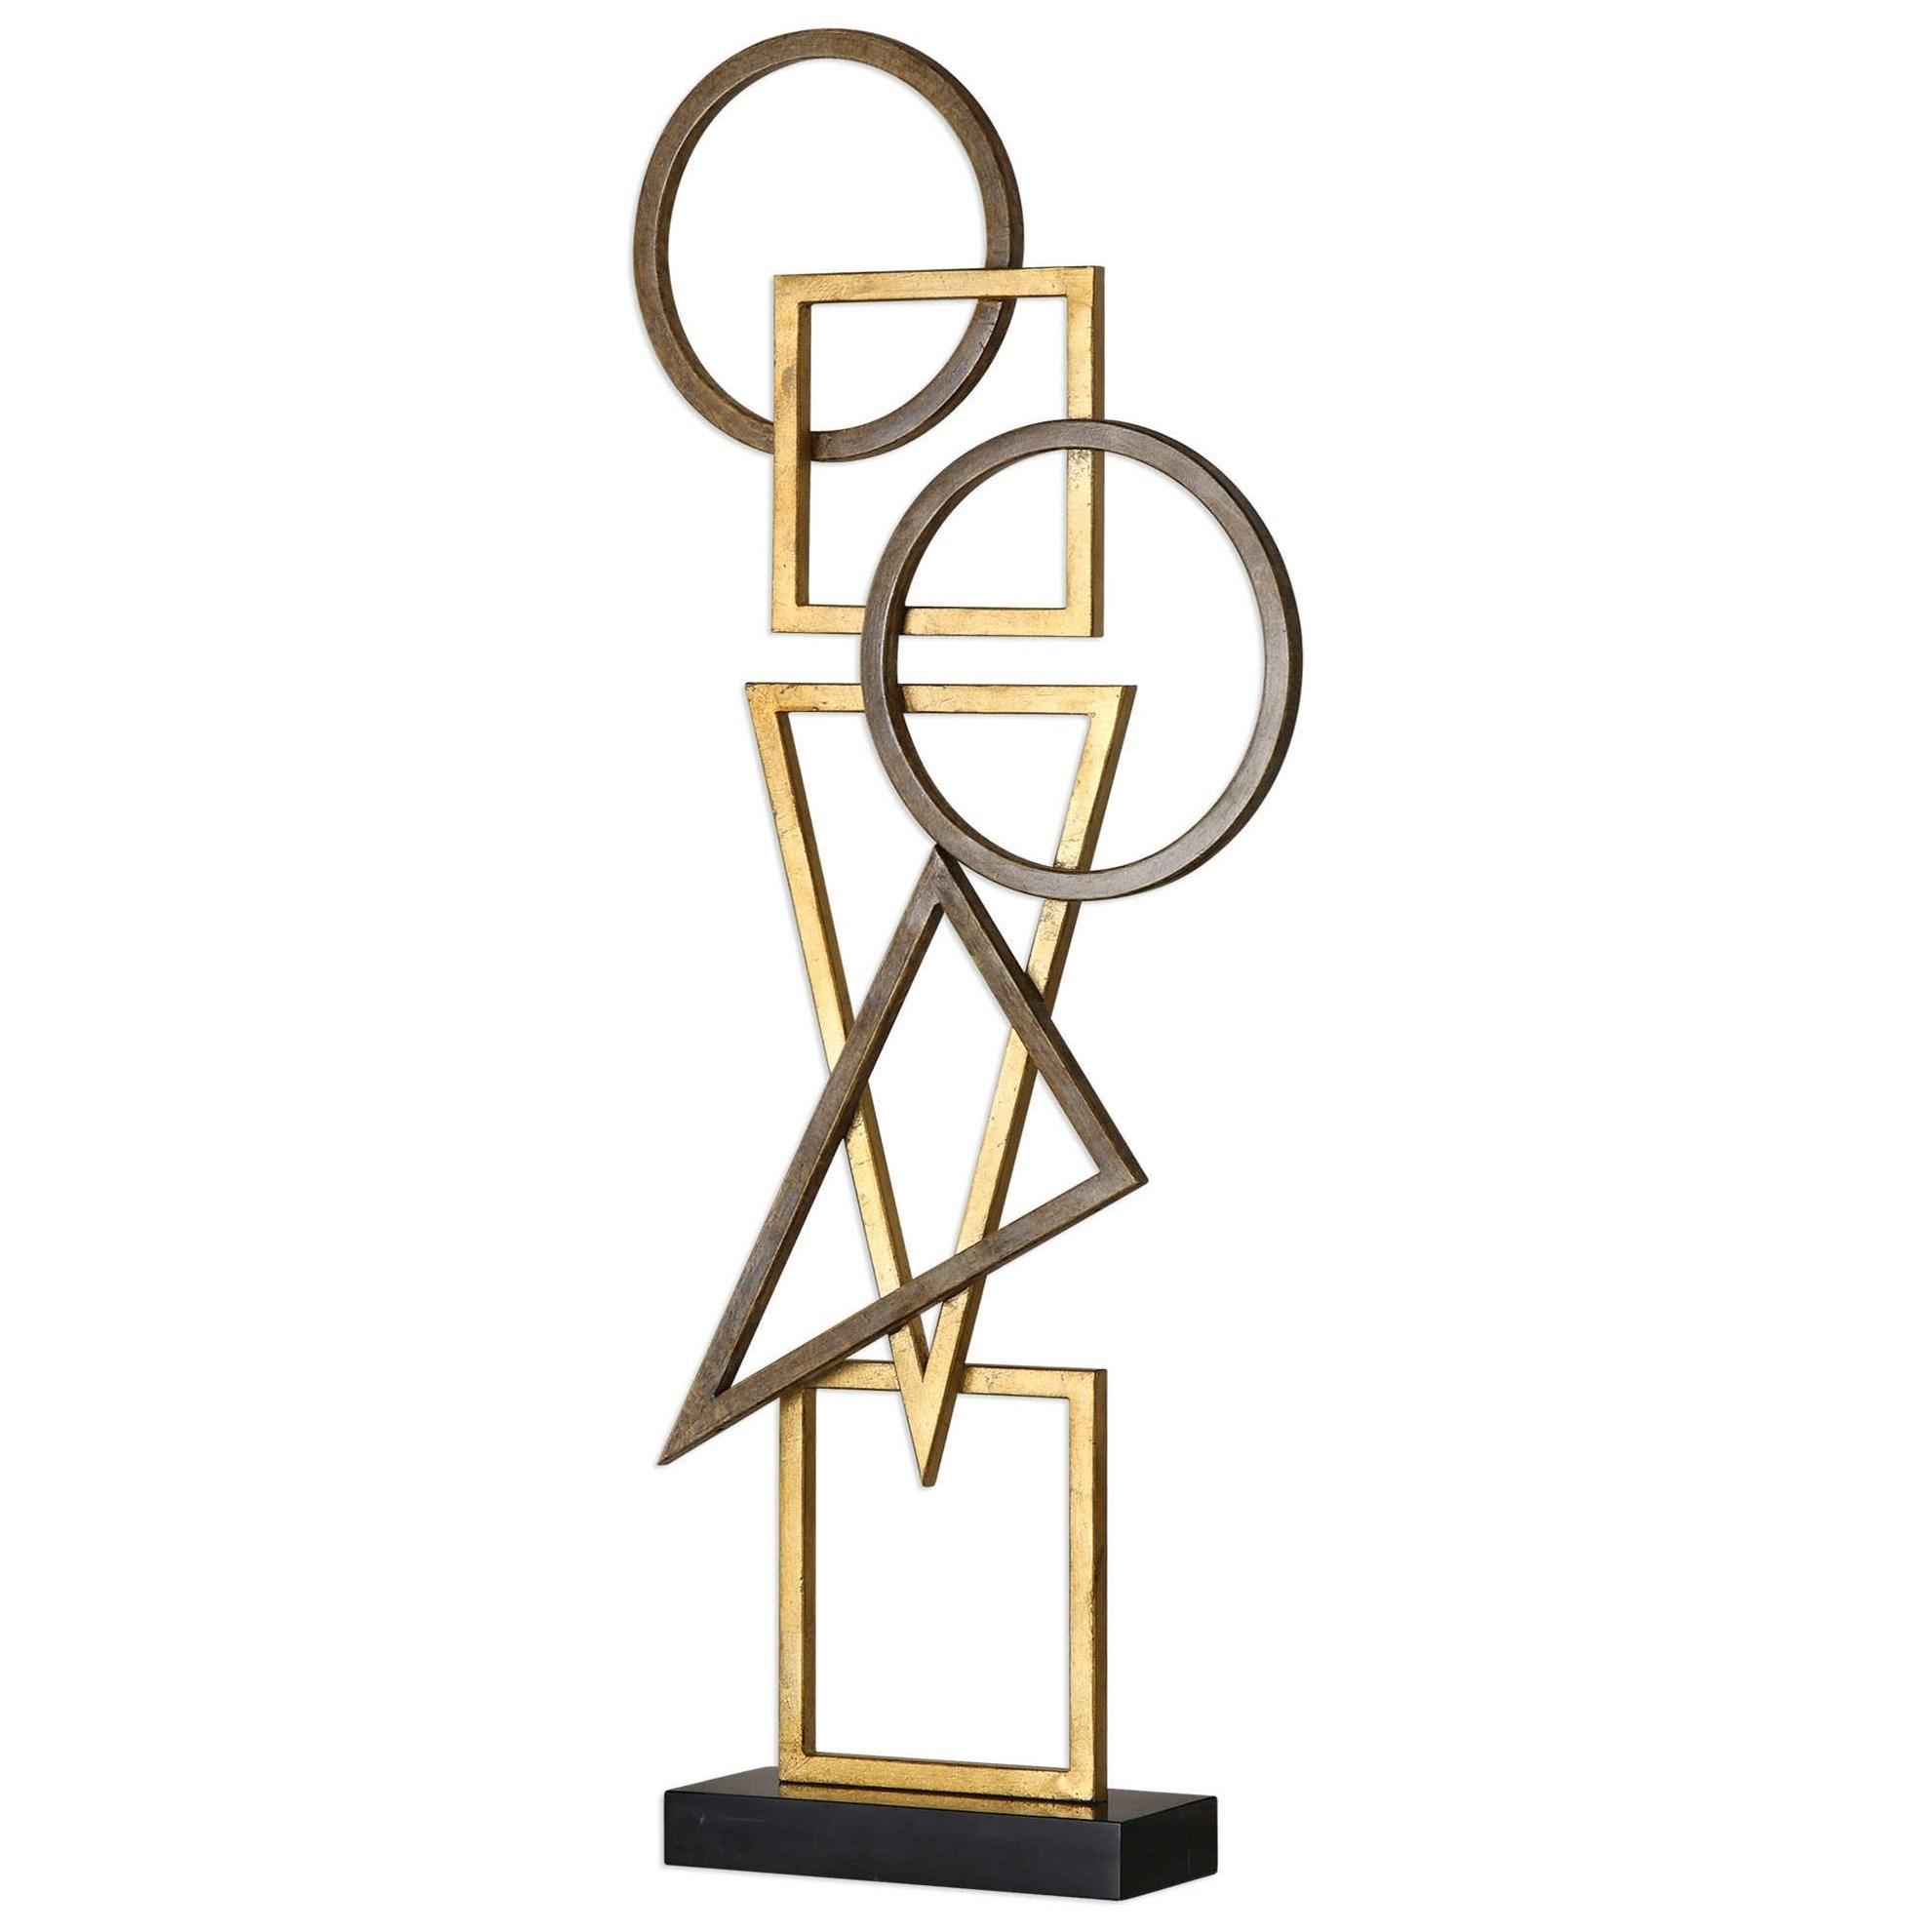 Terzo Modern Sculpture